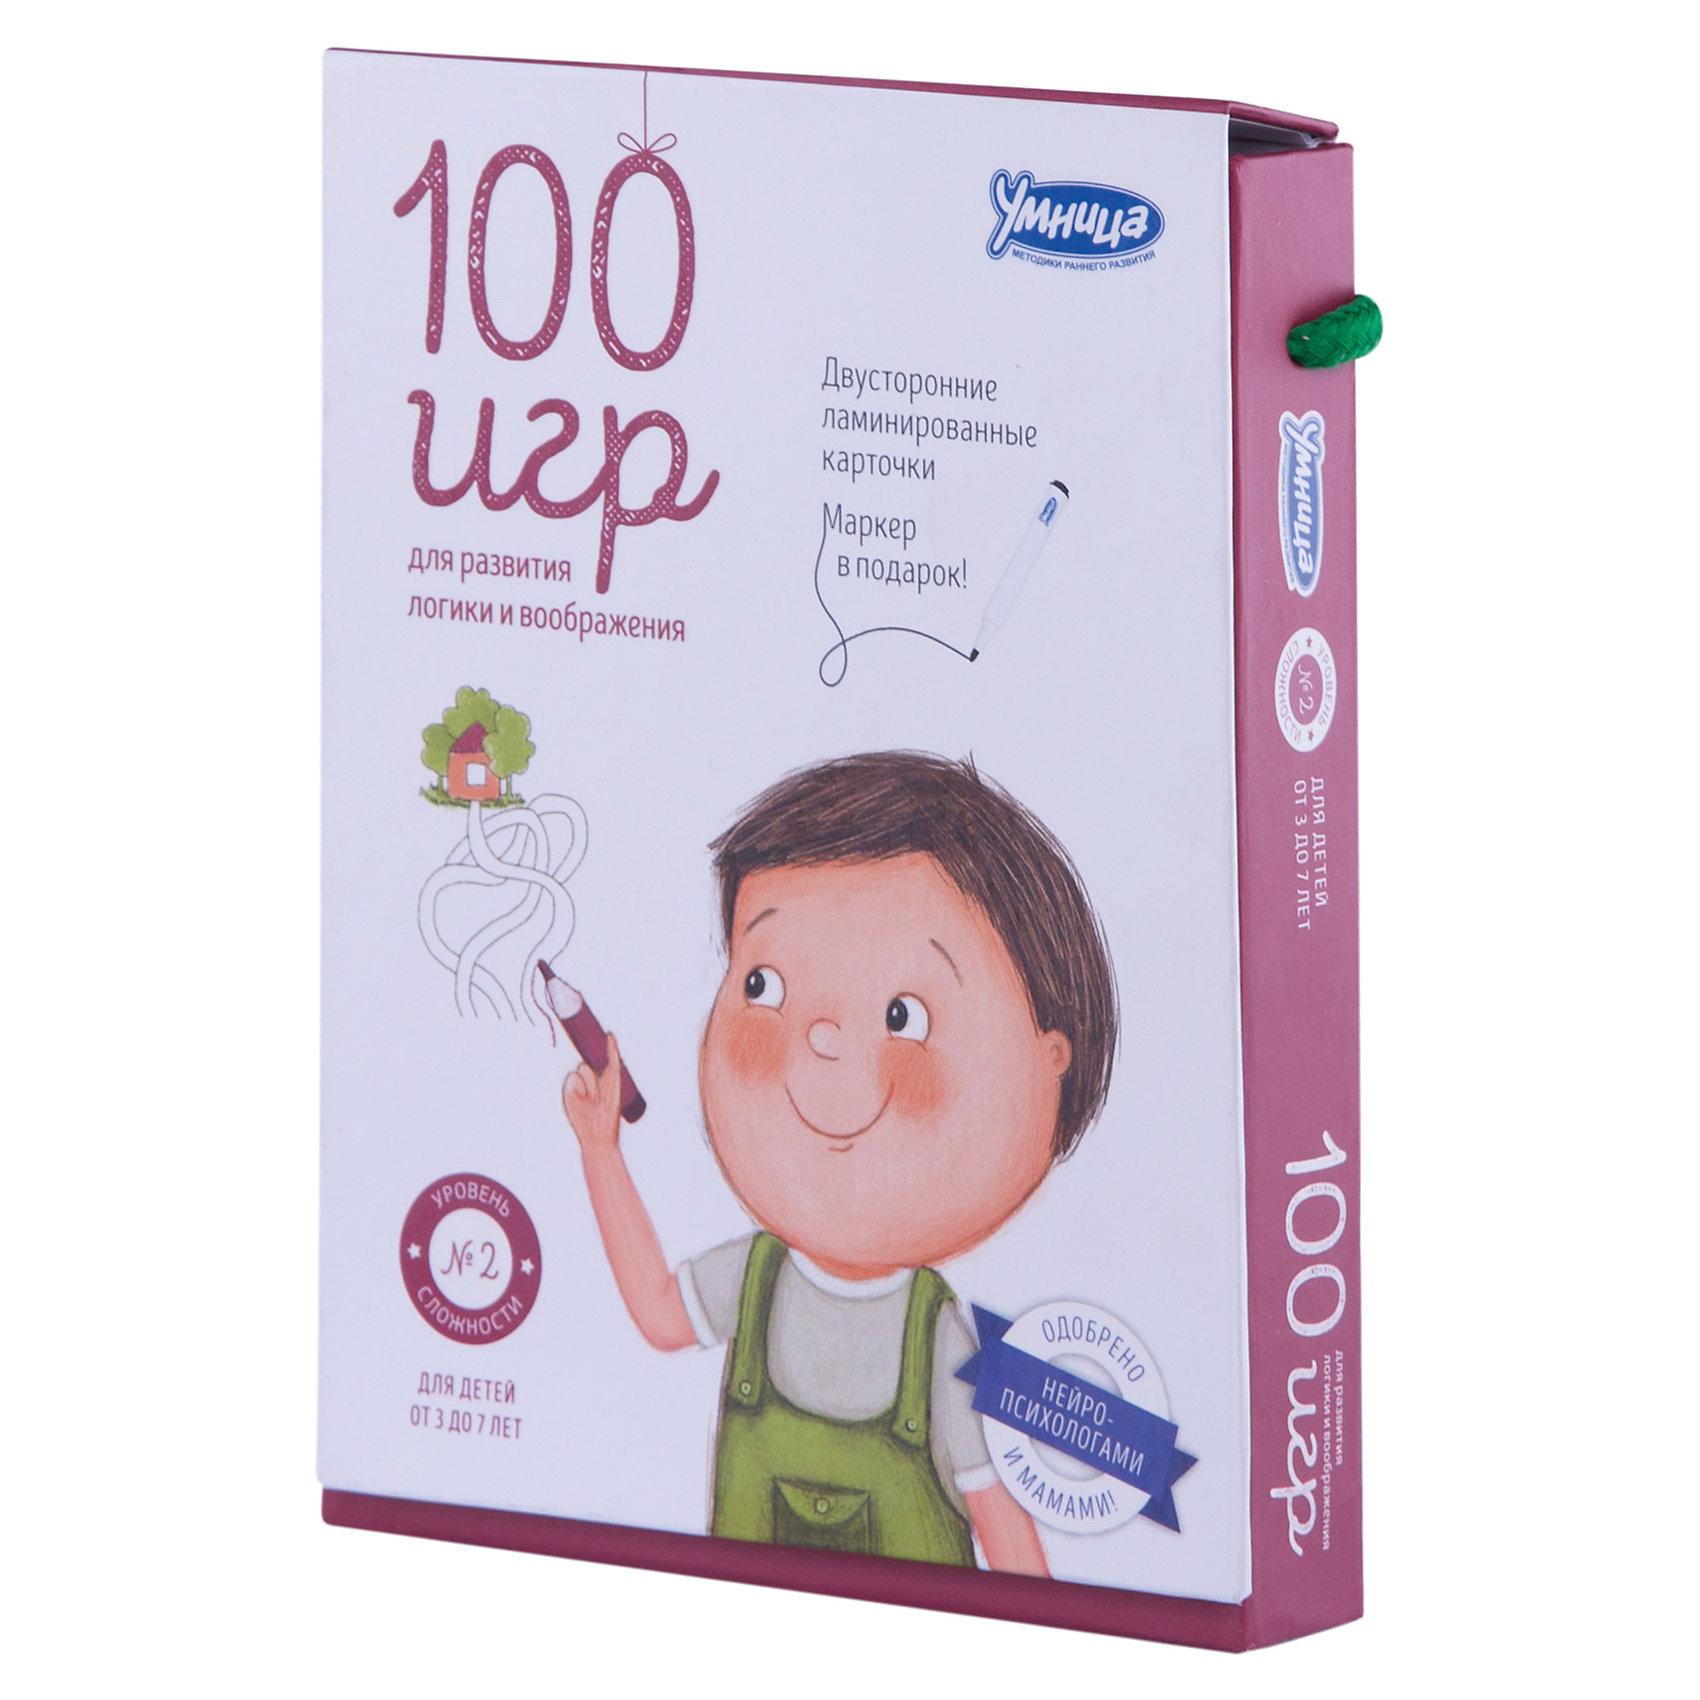 Карточки 100 игр, Уровень 3Методики раннего развития<br>Характеристики:<br><br>• Вид игр: обучающие, развивающие<br>• Серия: Развивающие карточки<br>• Материал: картон, пластик<br>• Комплектация: 50 двухсторонних карточек, маркер, методические рекомендации родителям<br>• Размеры карточек (В*Ш): 15*11 см<br>• Тип упаковки: картонная коробка<br>• Размеры упаковки (Д*Ш*В): 11,5*15,5*30 см<br>• Вес в упаковке: 340 г<br><br>Карточки 100 игр, Уровень 3 состоят из 50 двухсторонних карточек с разнообразными заданиями, направленными на развитие внимания, логического мышления, зрительной памяти. Среди заданий: дорисуй картинку, выбери путь, найди отличия, найди указанные предметы и т.д. Для выполнения заданий в комплекте предусмотрен маркер, который легко стирается с поверхности.<br><br>Карточки 100 игр, Уровень 3 можно купить в нашем интернет-магазине.<br><br>Ширина мм: 115<br>Глубина мм: 155<br>Высота мм: 300<br>Вес г: 340<br>Возраст от месяцев: 36<br>Возраст до месяцев: 2147483647<br>Пол: Унисекс<br>Возраст: Детский<br>SKU: 5523168